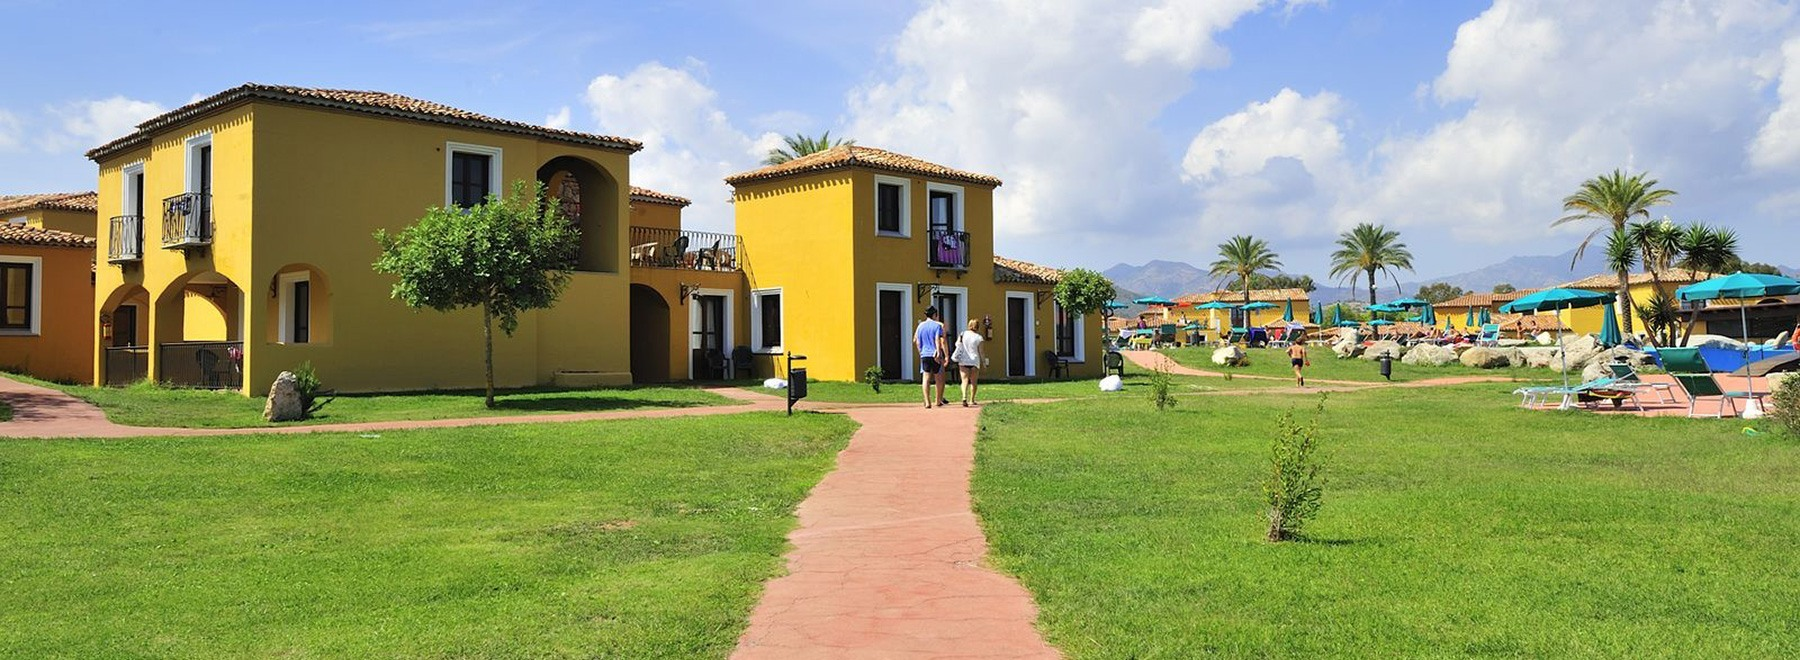 Hotel 4 stelle con piscina costa smeralda turismo for Alberghi budoni sardegna